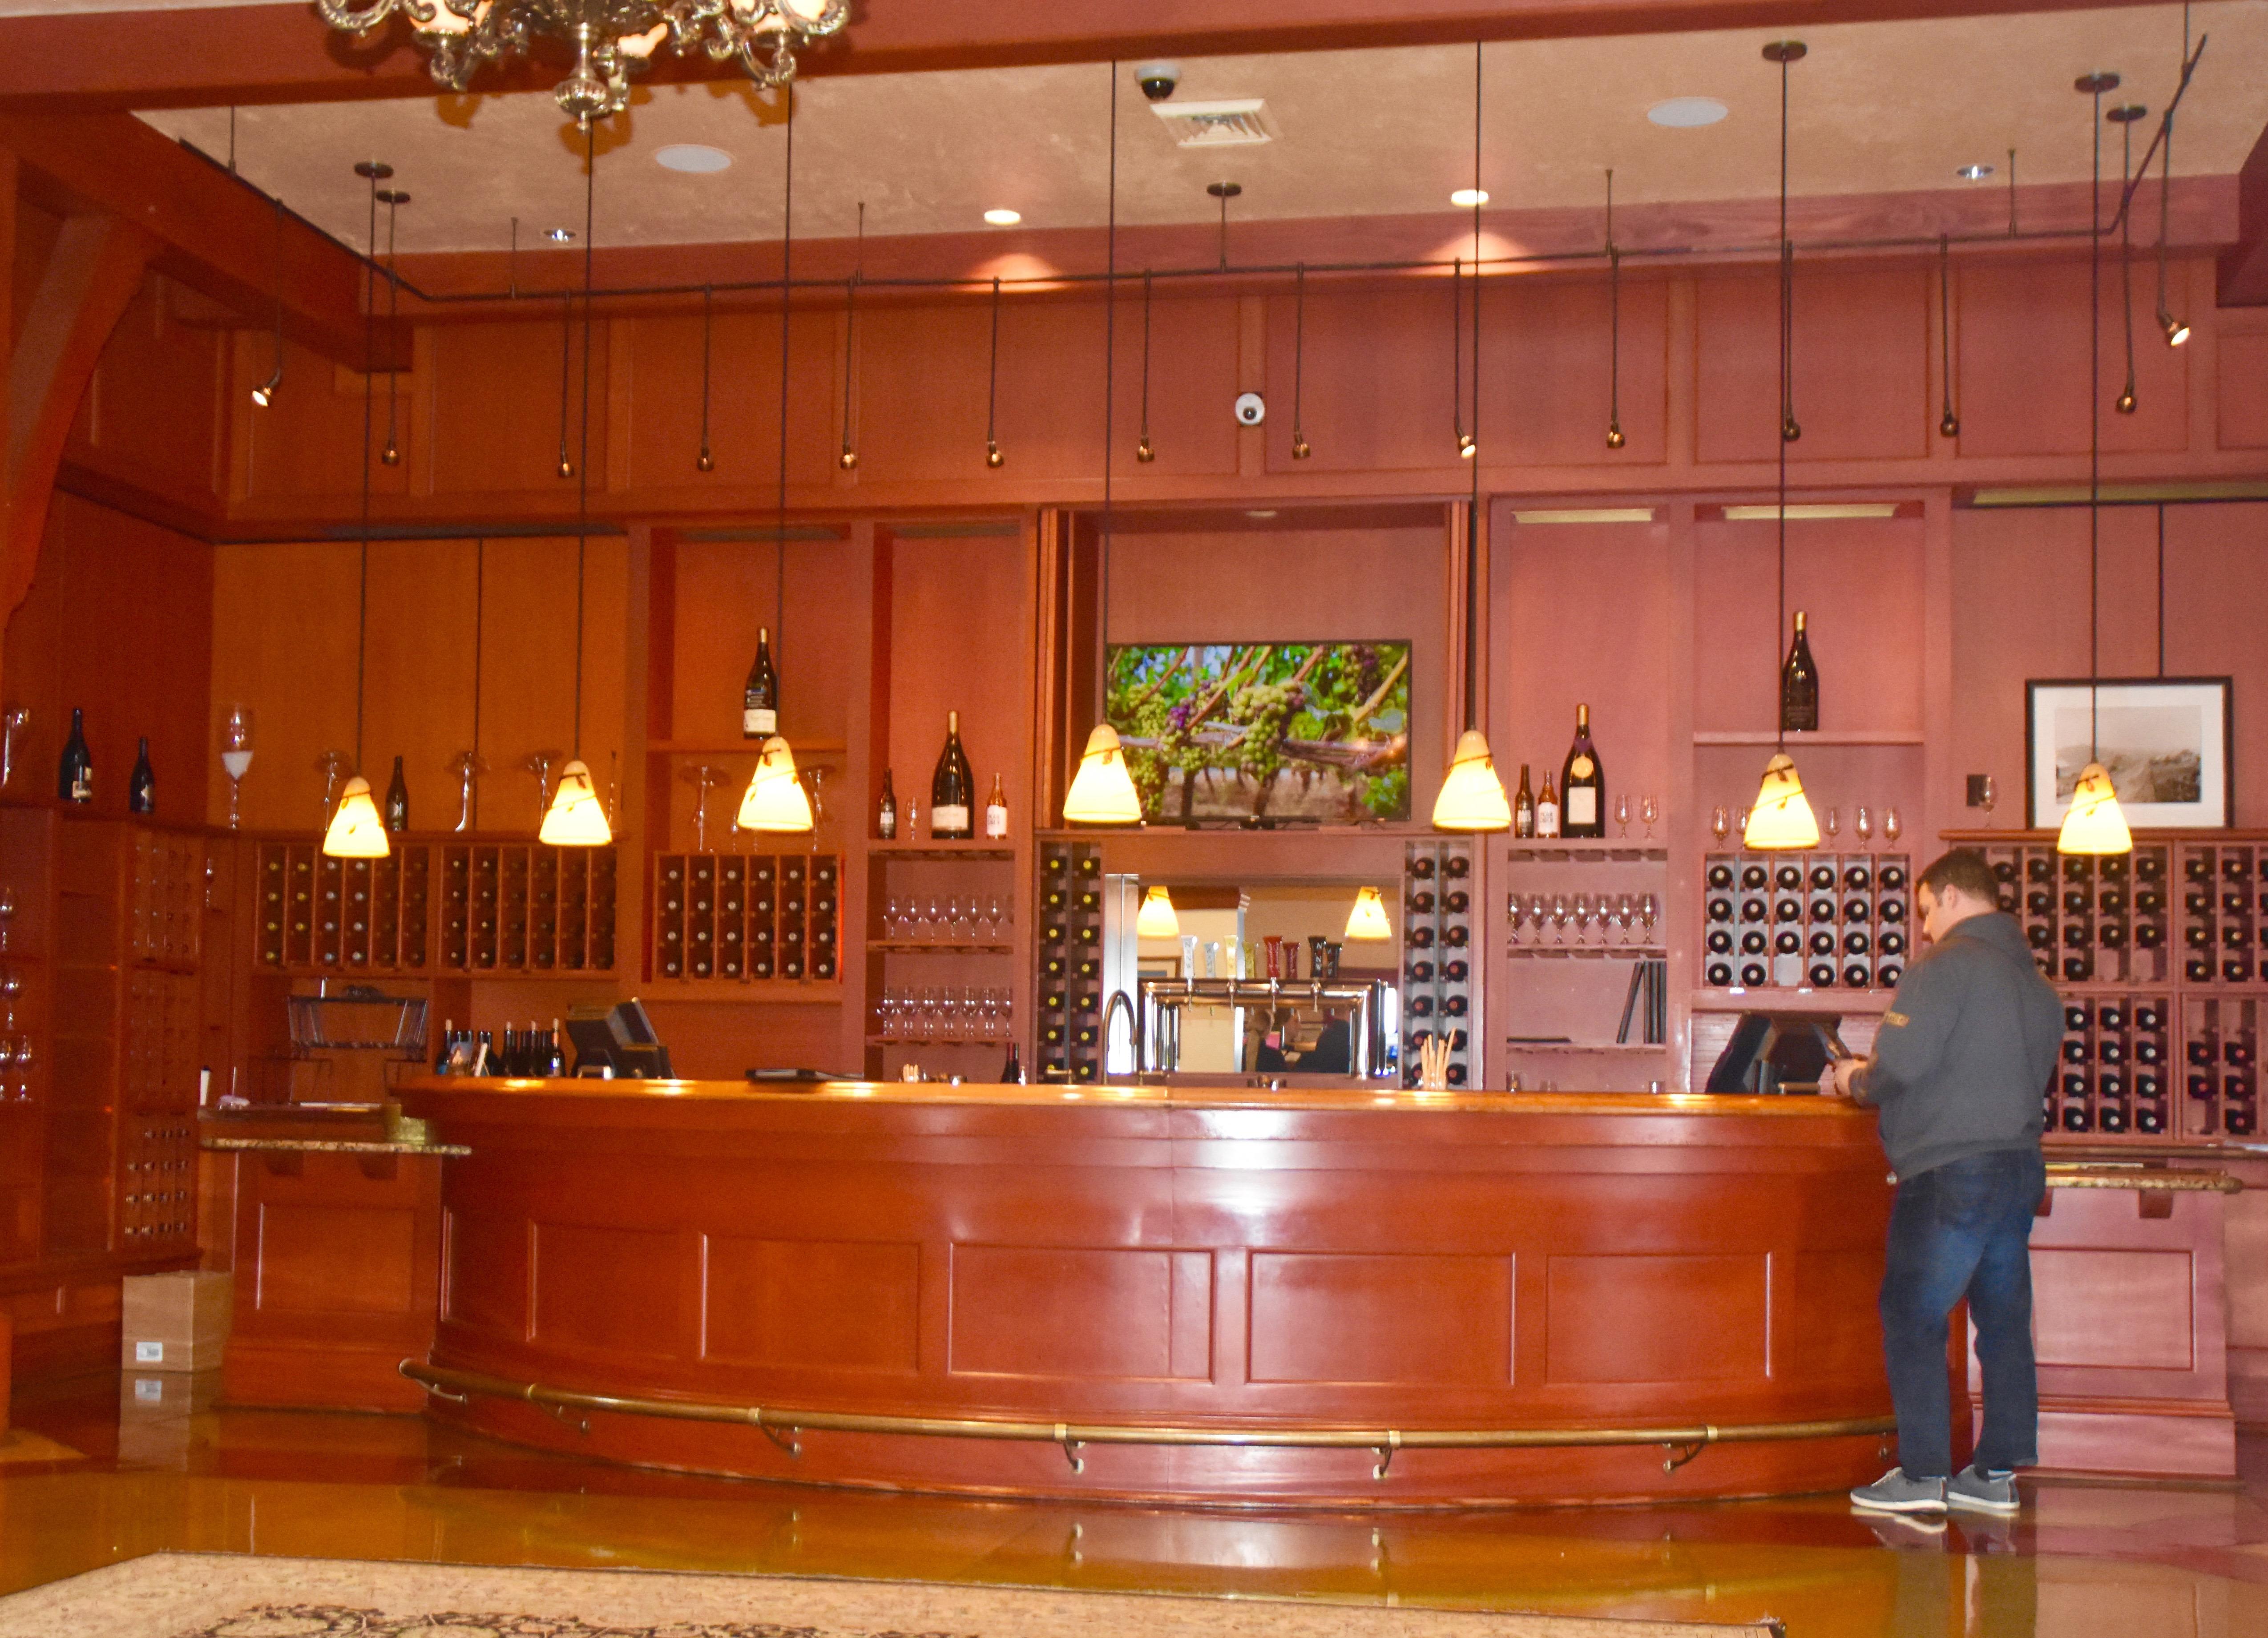 Tasting Room, King Estate Winery